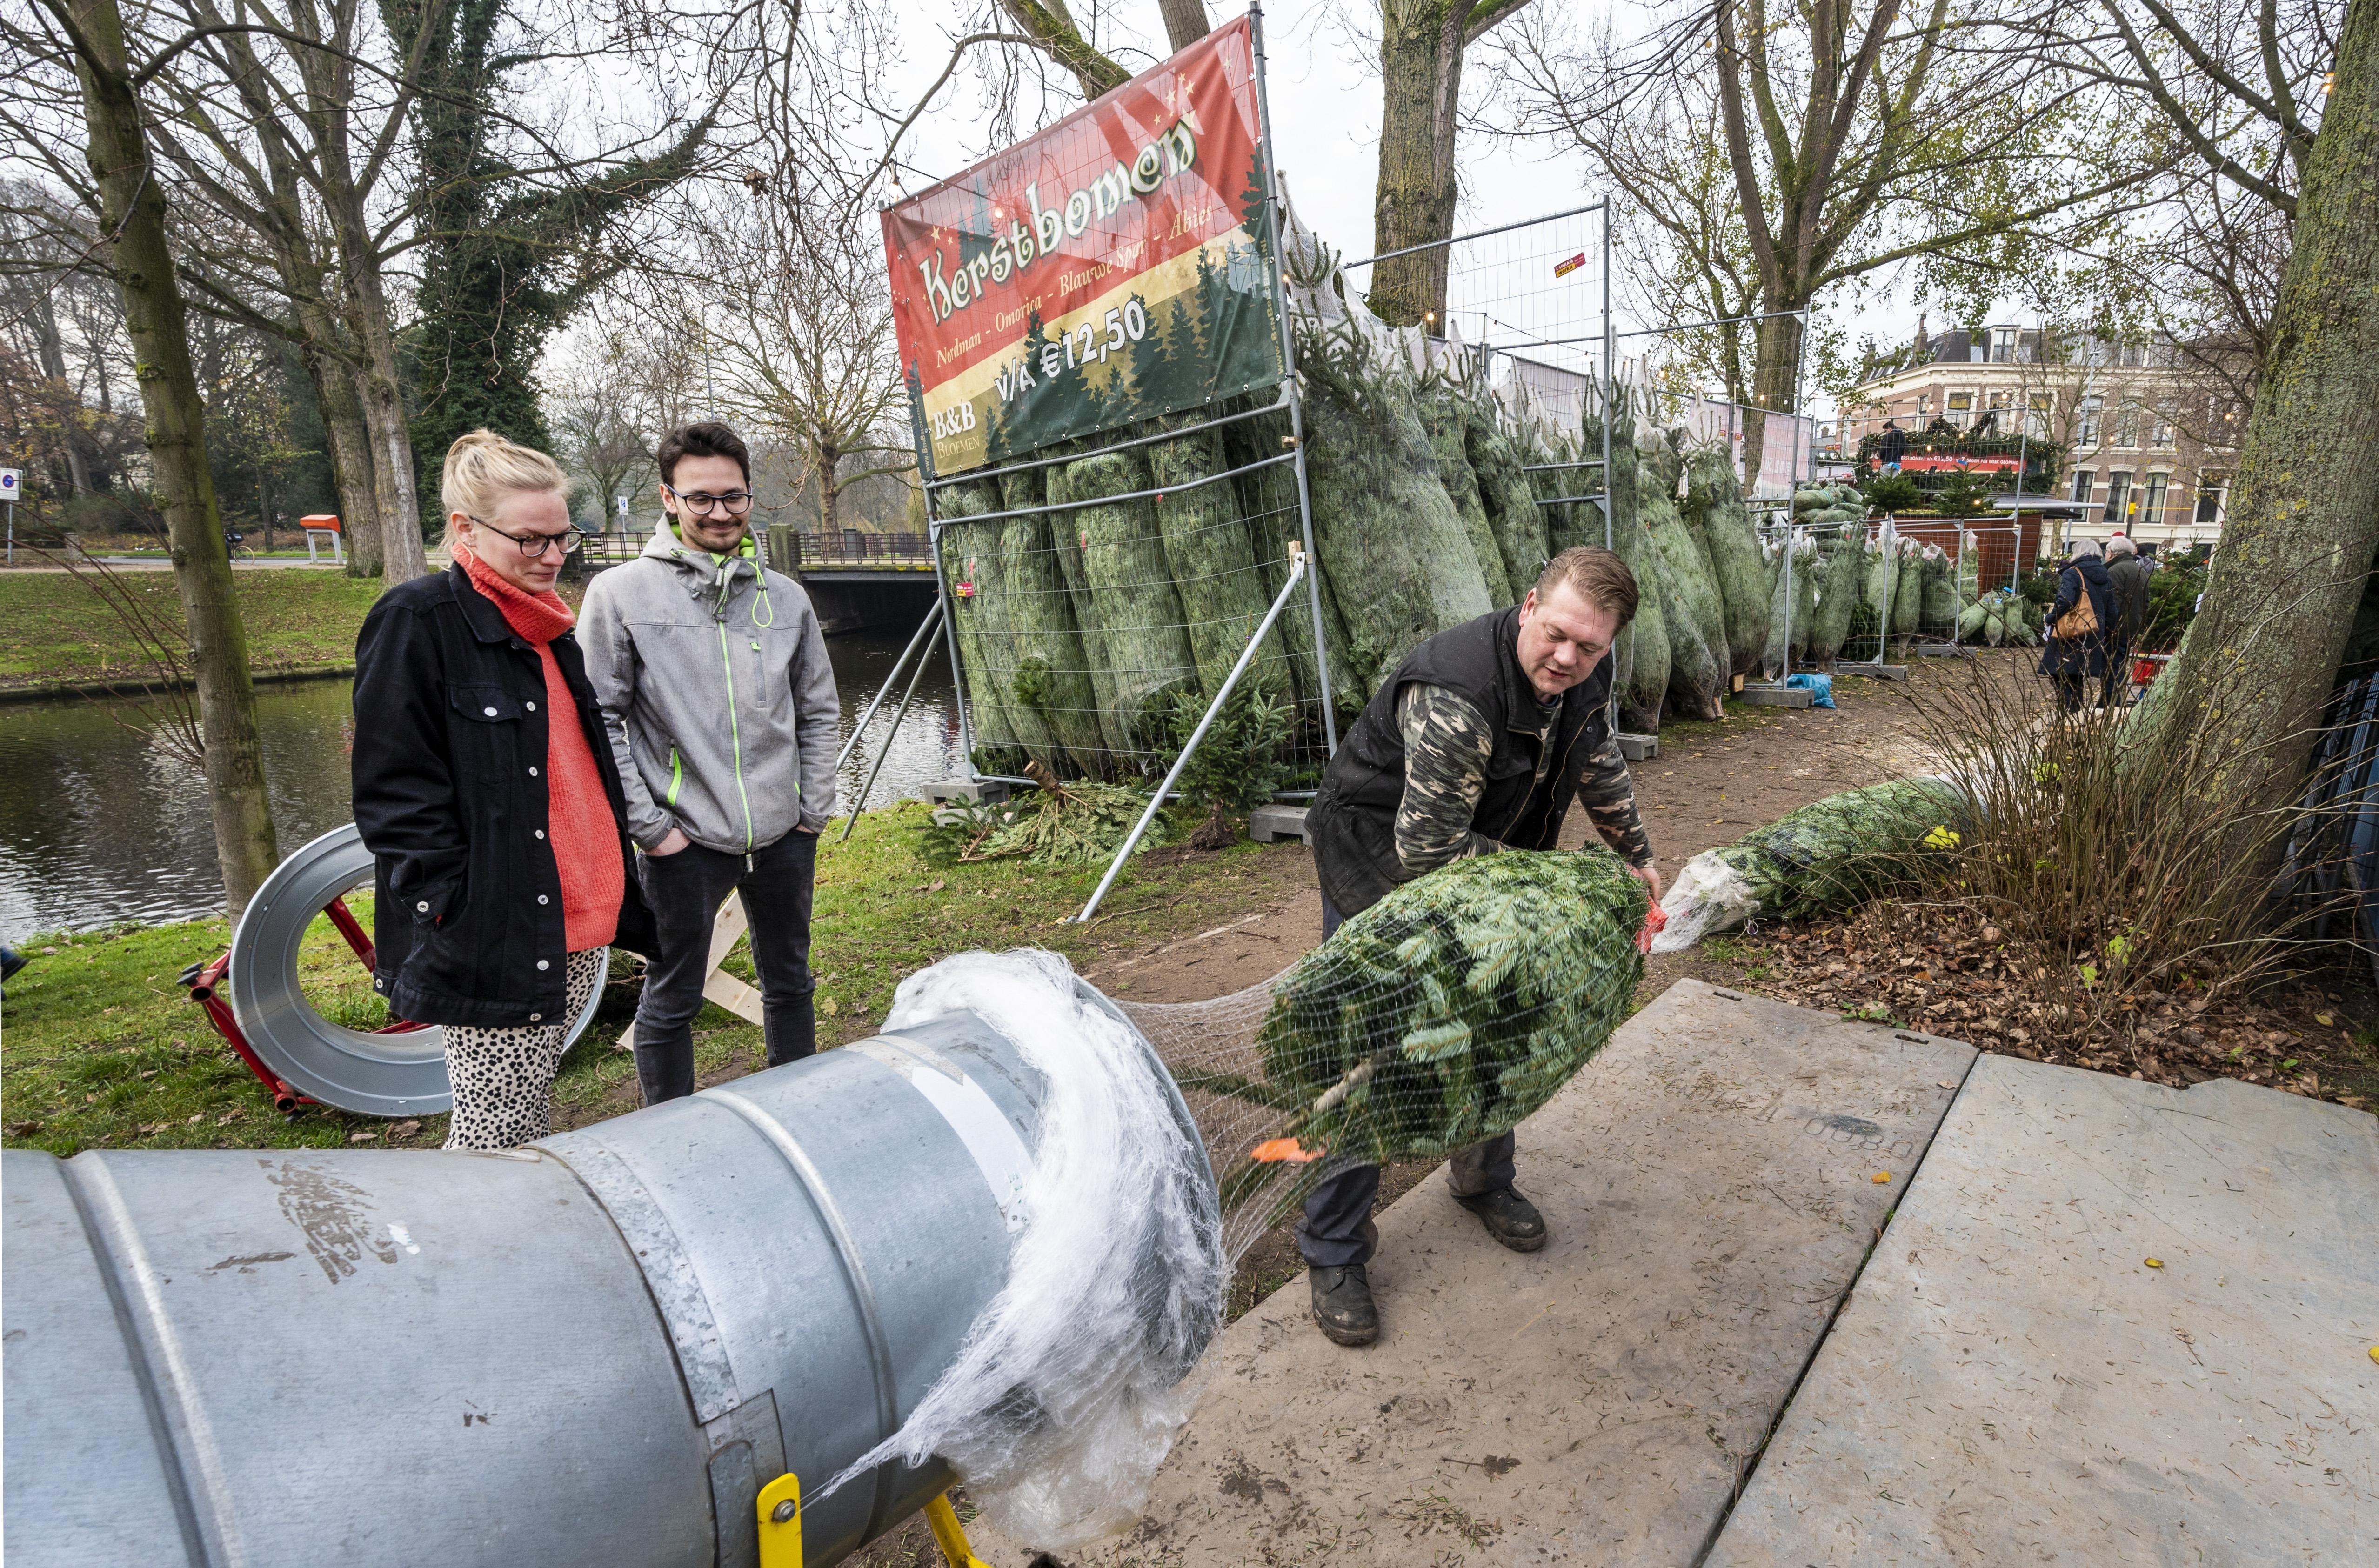 Haarlemse jacht op kerstbomen is weer begonnen: 'Alleen ballen en een kabouter'